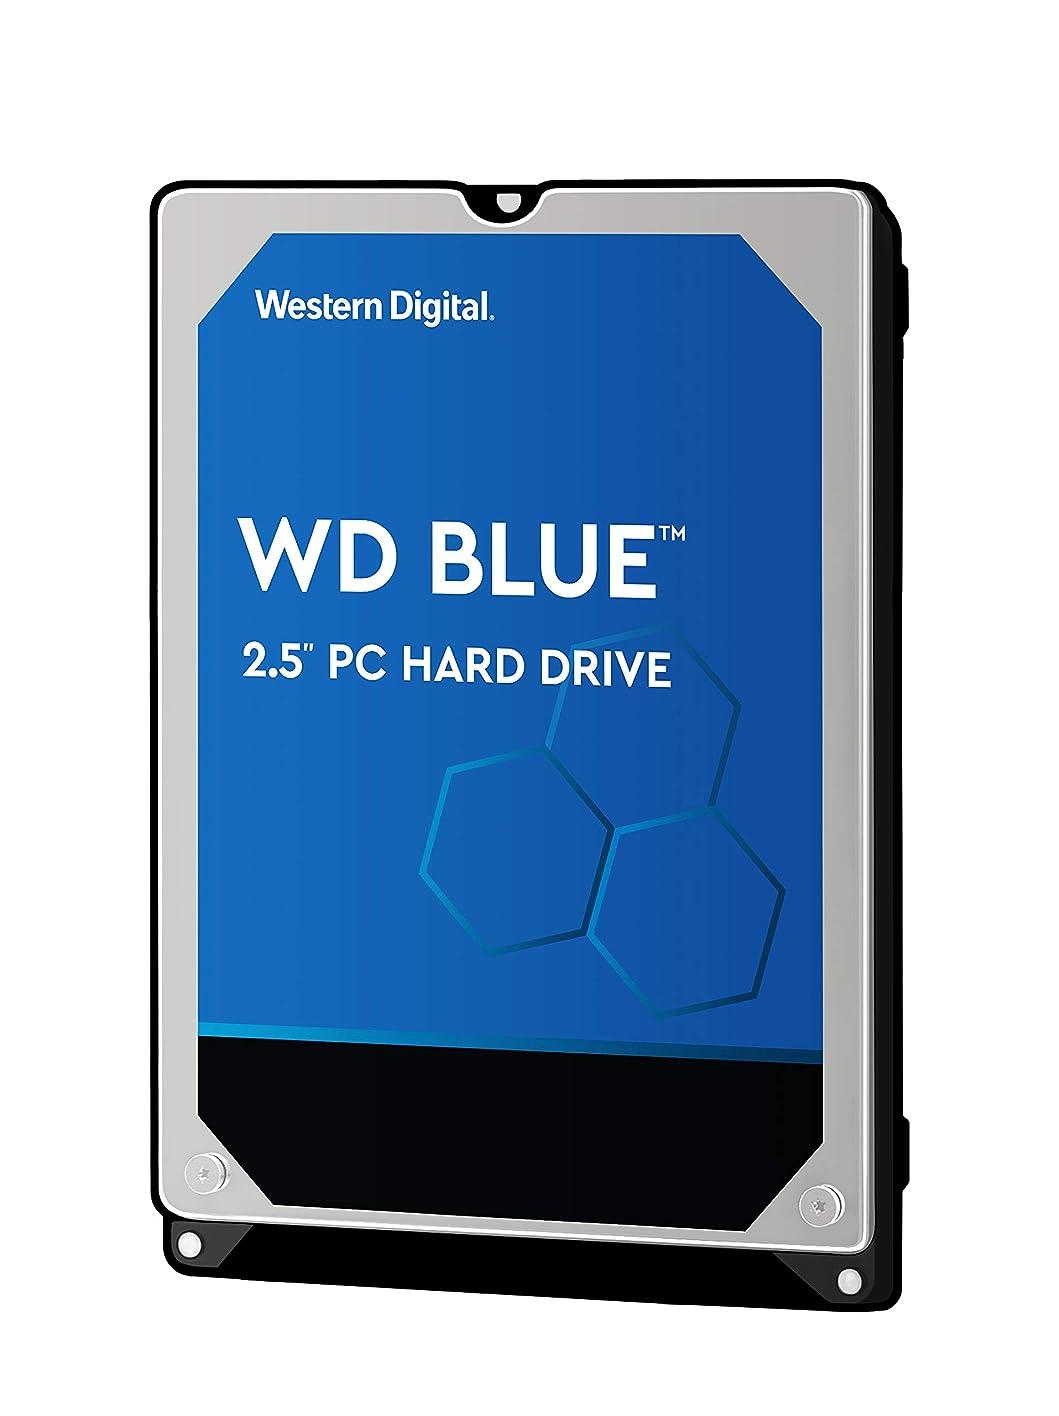 ストラトフォードオンエイボン浸透する系統的WD ゲーミング/クリエイティブ HDD 内蔵ハードディスク 3.5インチ 4TB WD Black WD4005FZBX SATA3.0 7200rpm 256MB 5年保証